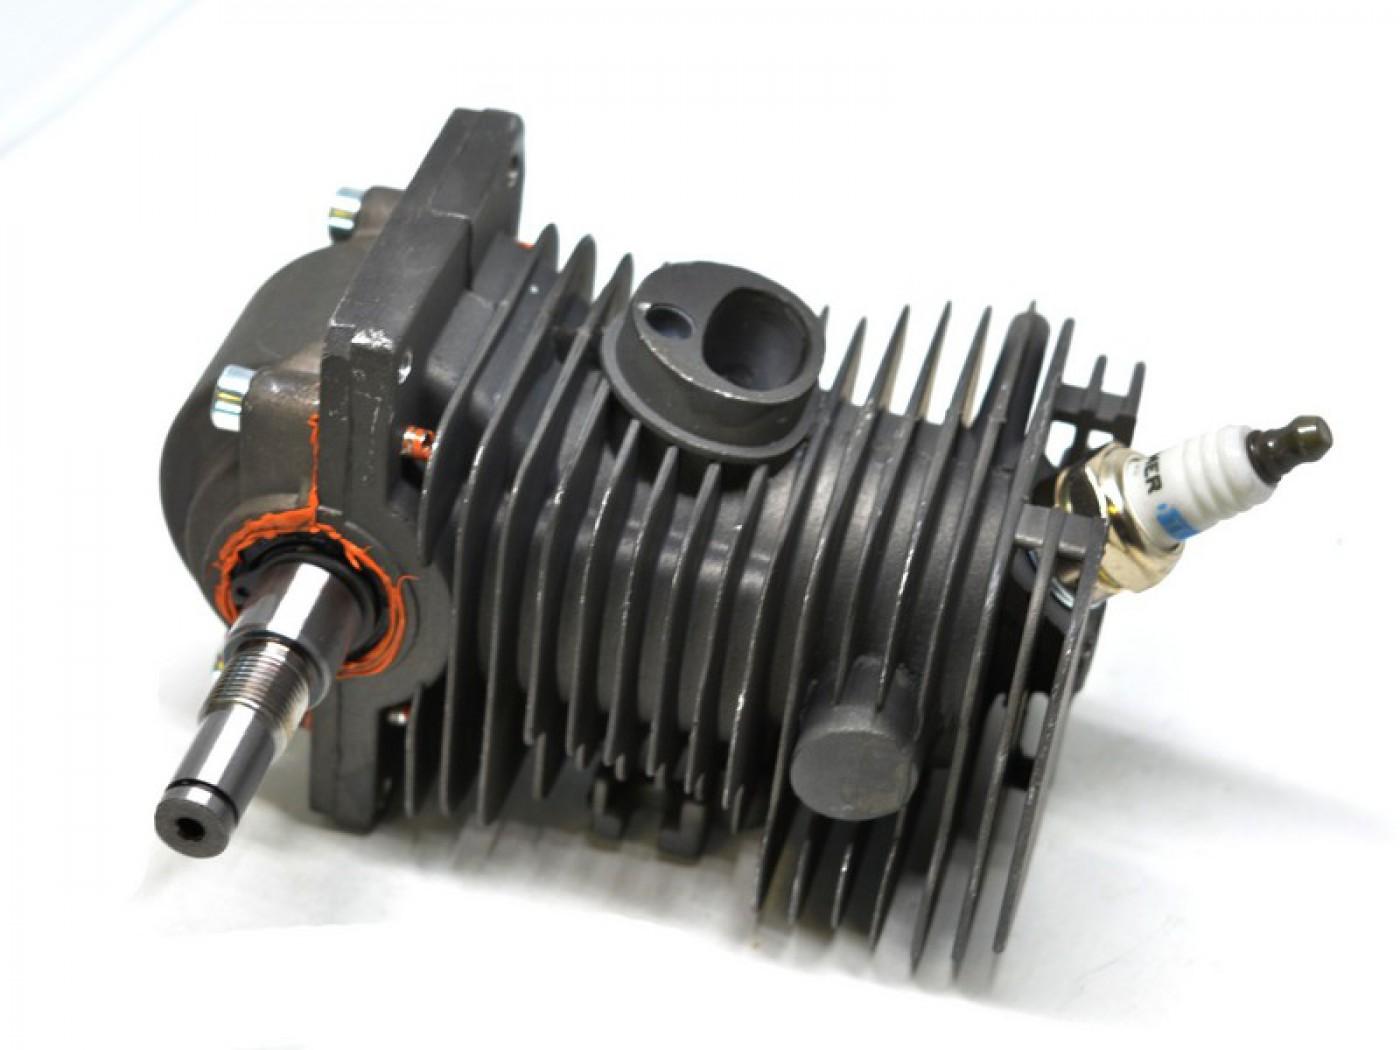 Motor Stihl MS 170 017 AKCE ušetříte 750 Kč